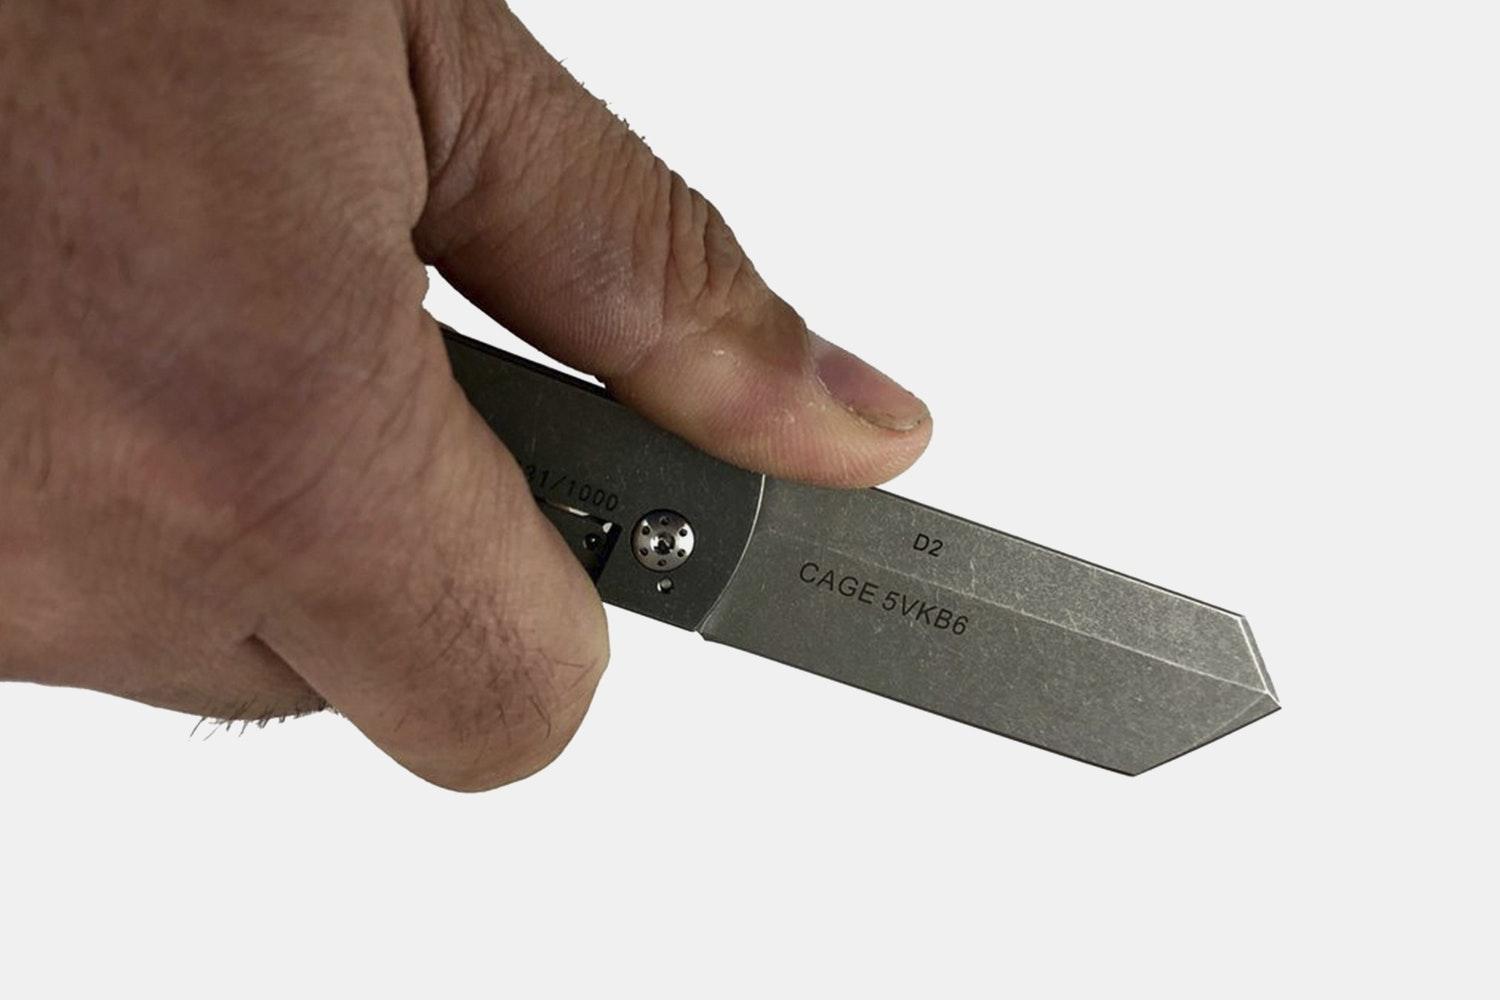 Boker & CountyComm D2 Chap Knife